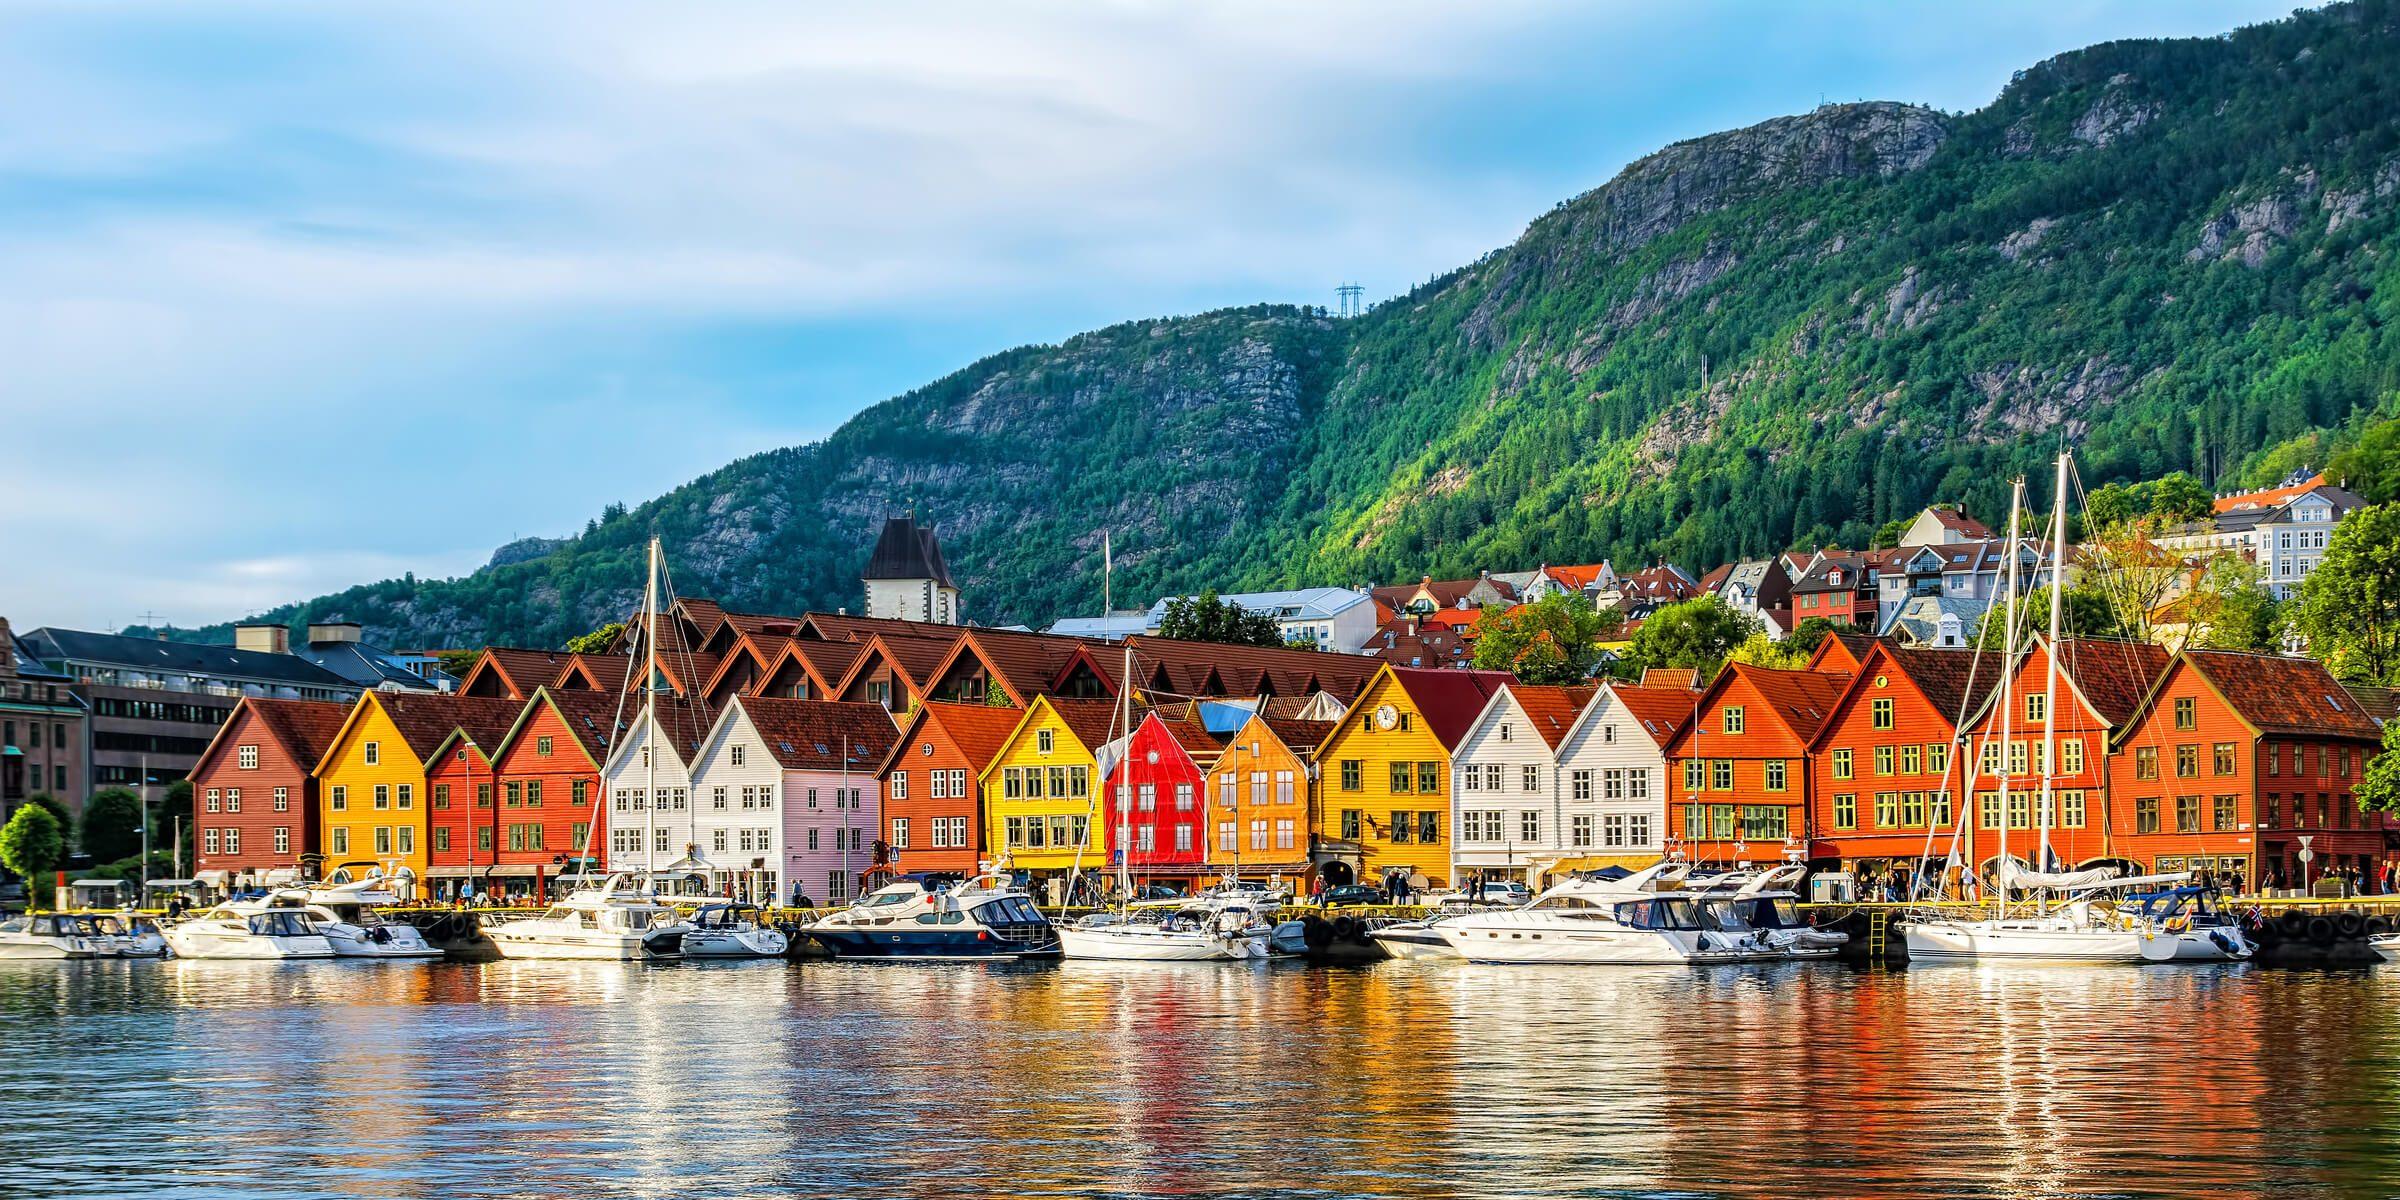 Singlreise nach Bergen in Norwegen - Altsatdt